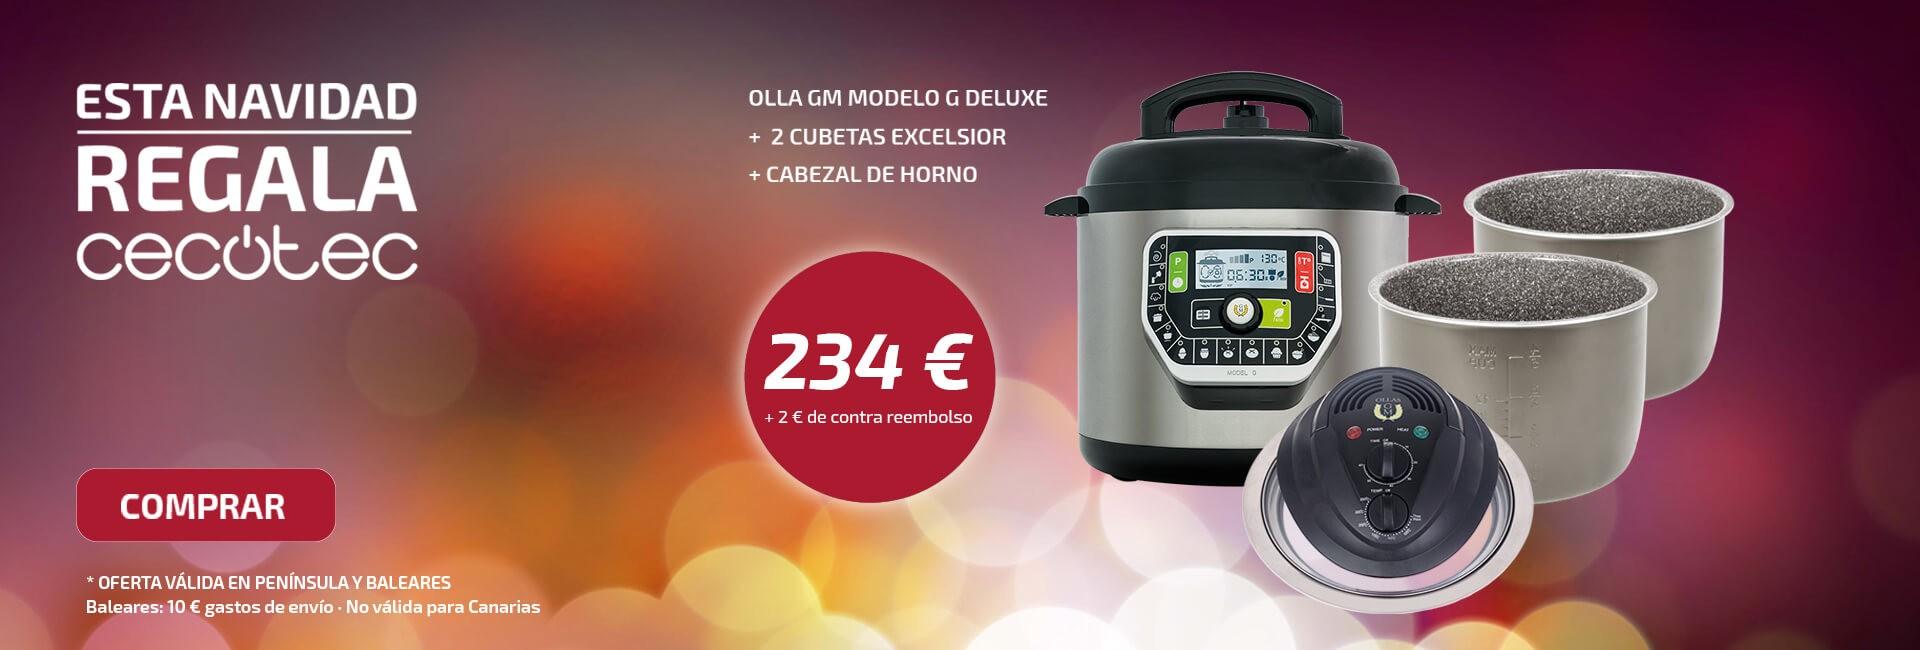 Promo Navidad olla GM modelo G Deluxe + 2 cubetas Excelsior + Cabezal de horno